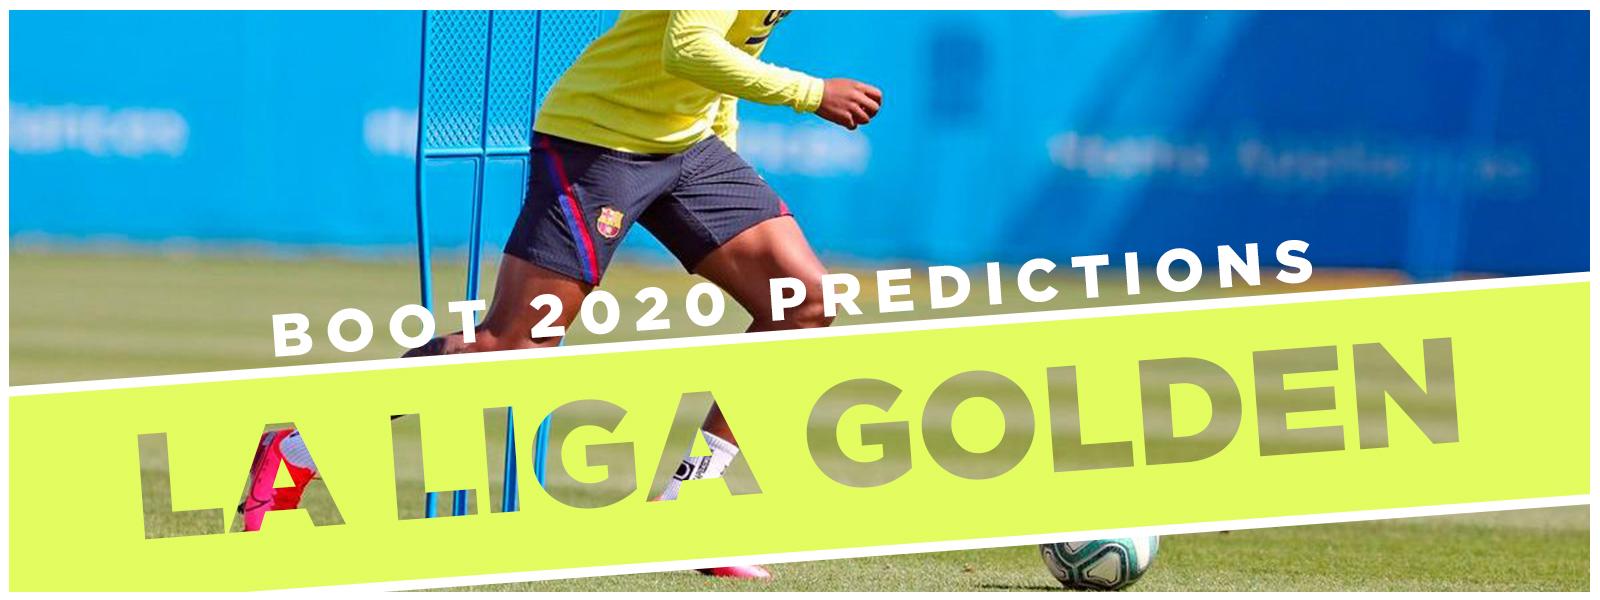 La Liga Golden Boot 2020 Predictions